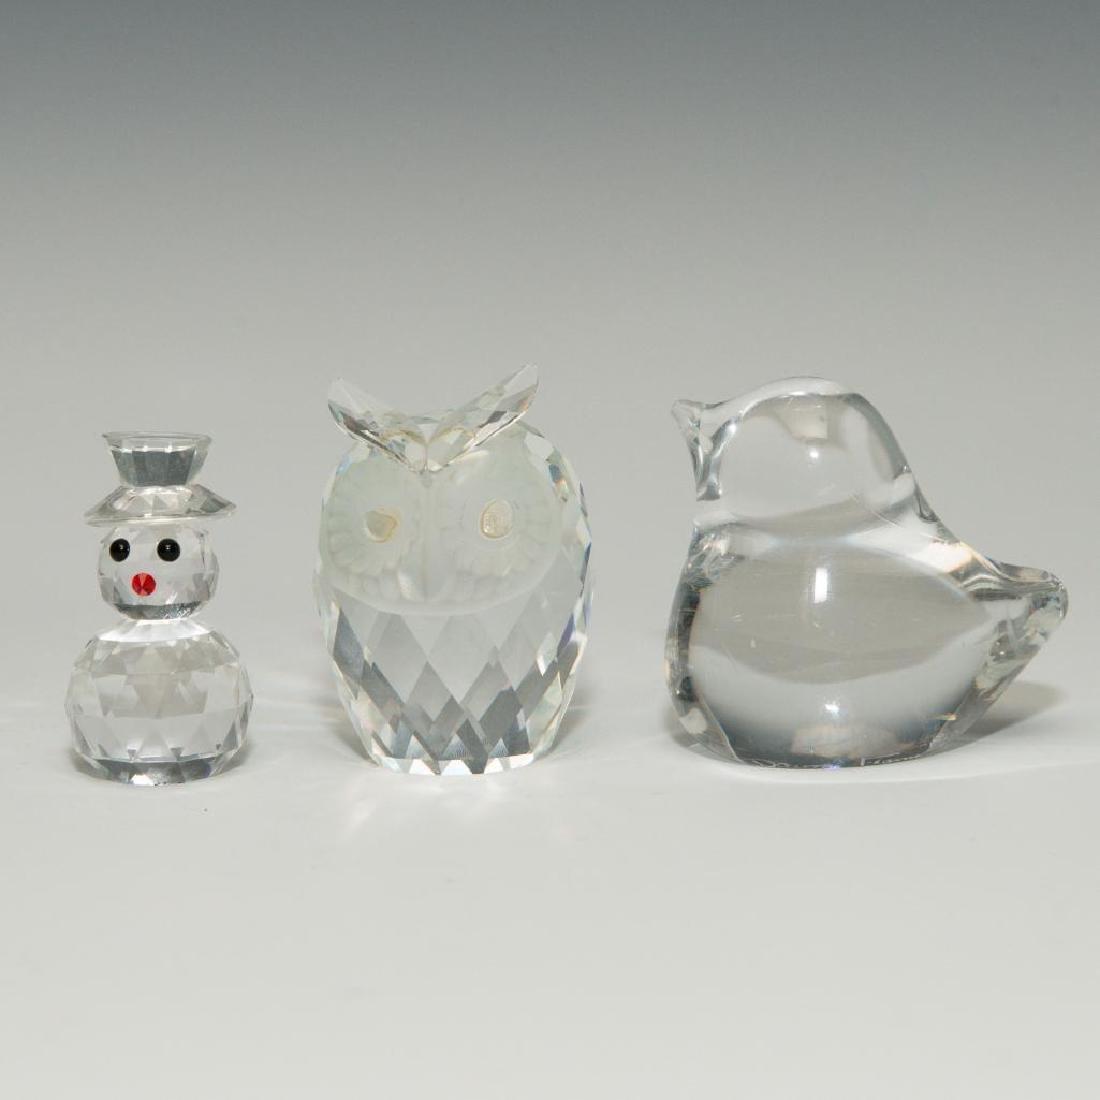 GROUP OF 3 DAUM SWAROWSKI CYRSTAL GLASS PAPERWEIGHT